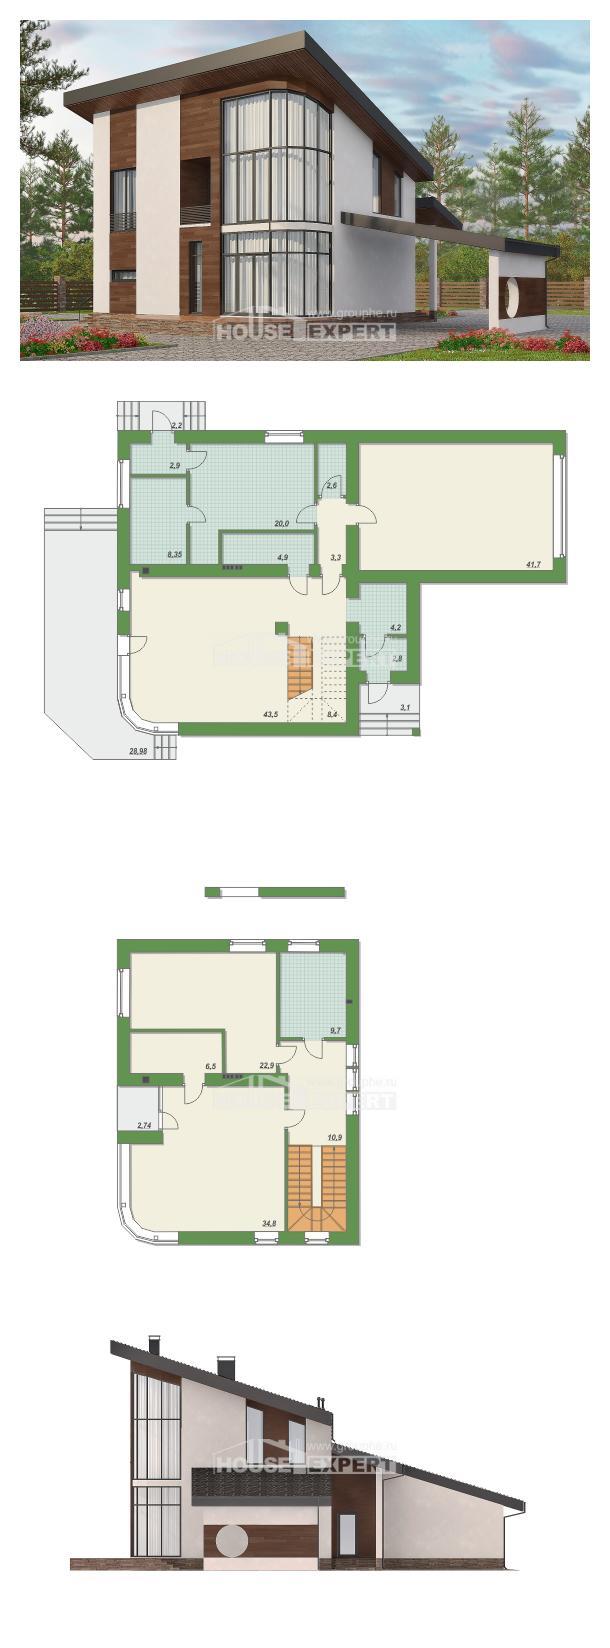 Проект на къща 230-001-R | House Expert